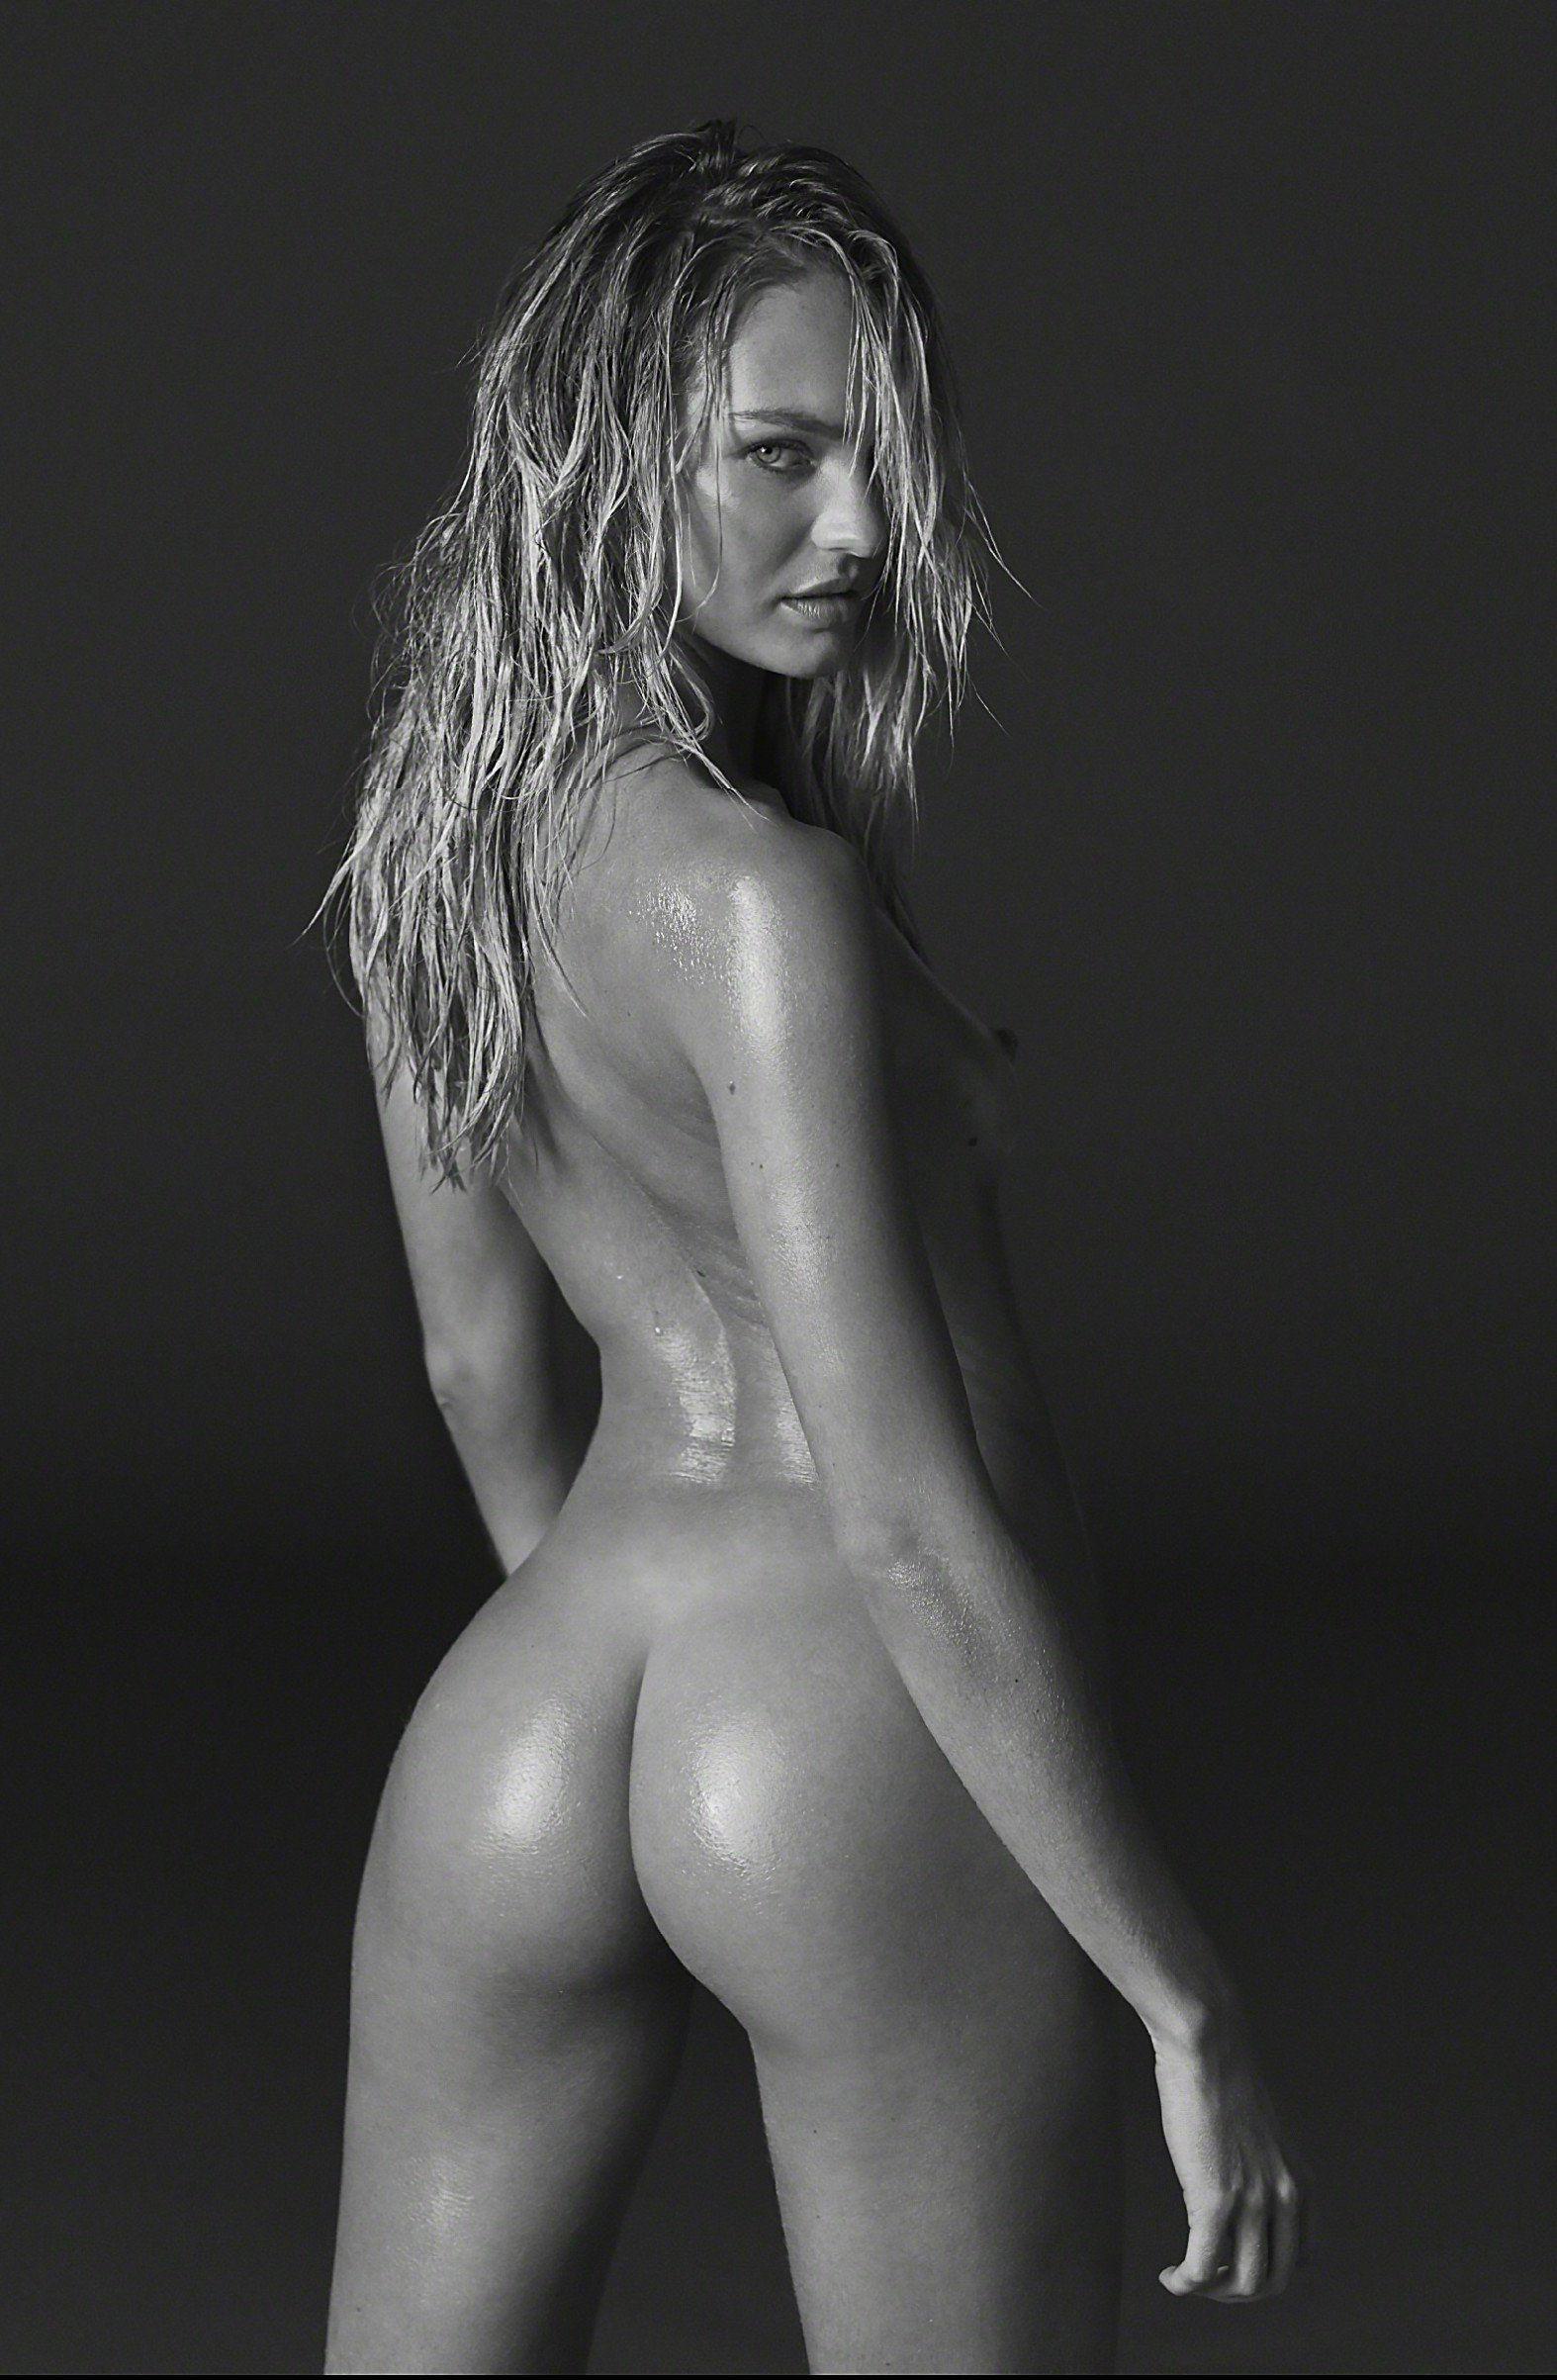 Sg candice swanepoel naked